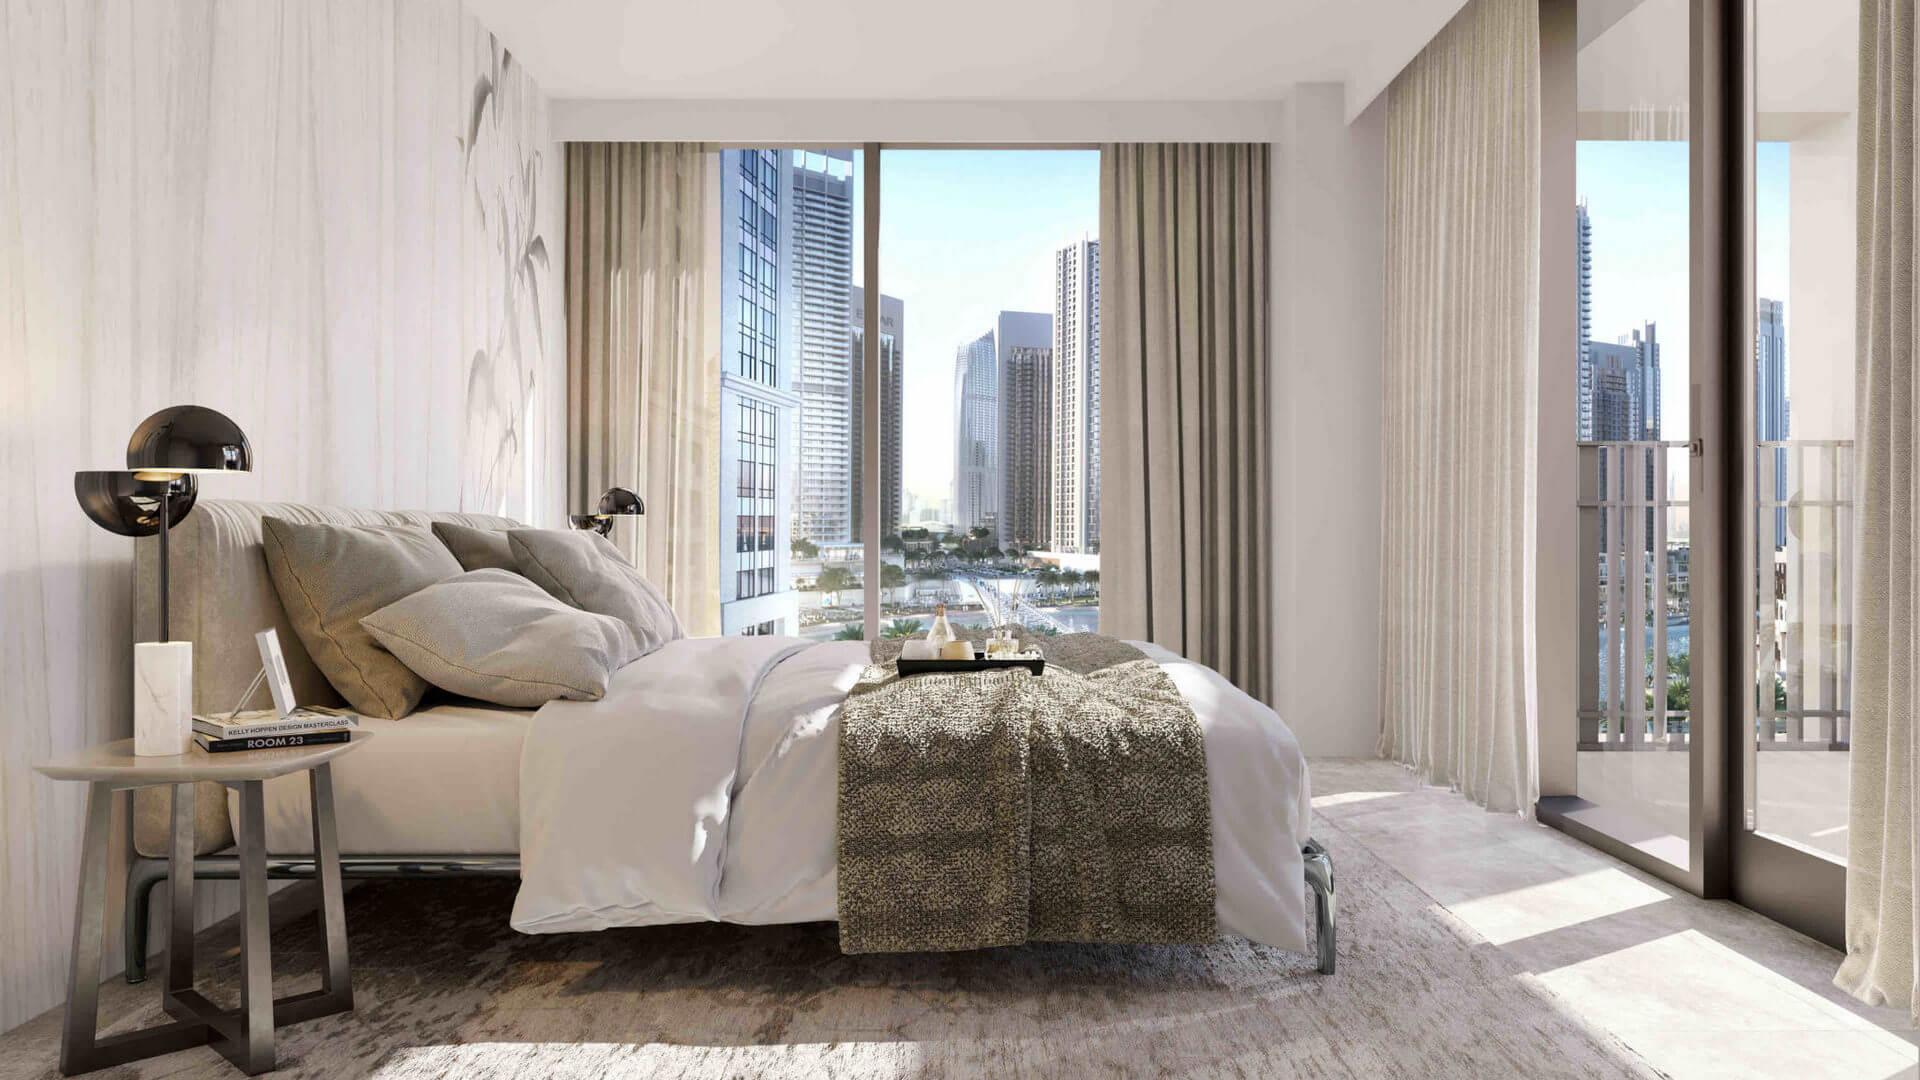 Apartamento en venta en Dubai, EAU, 3 dormitorios, 139 m2, № 24590 – foto 1